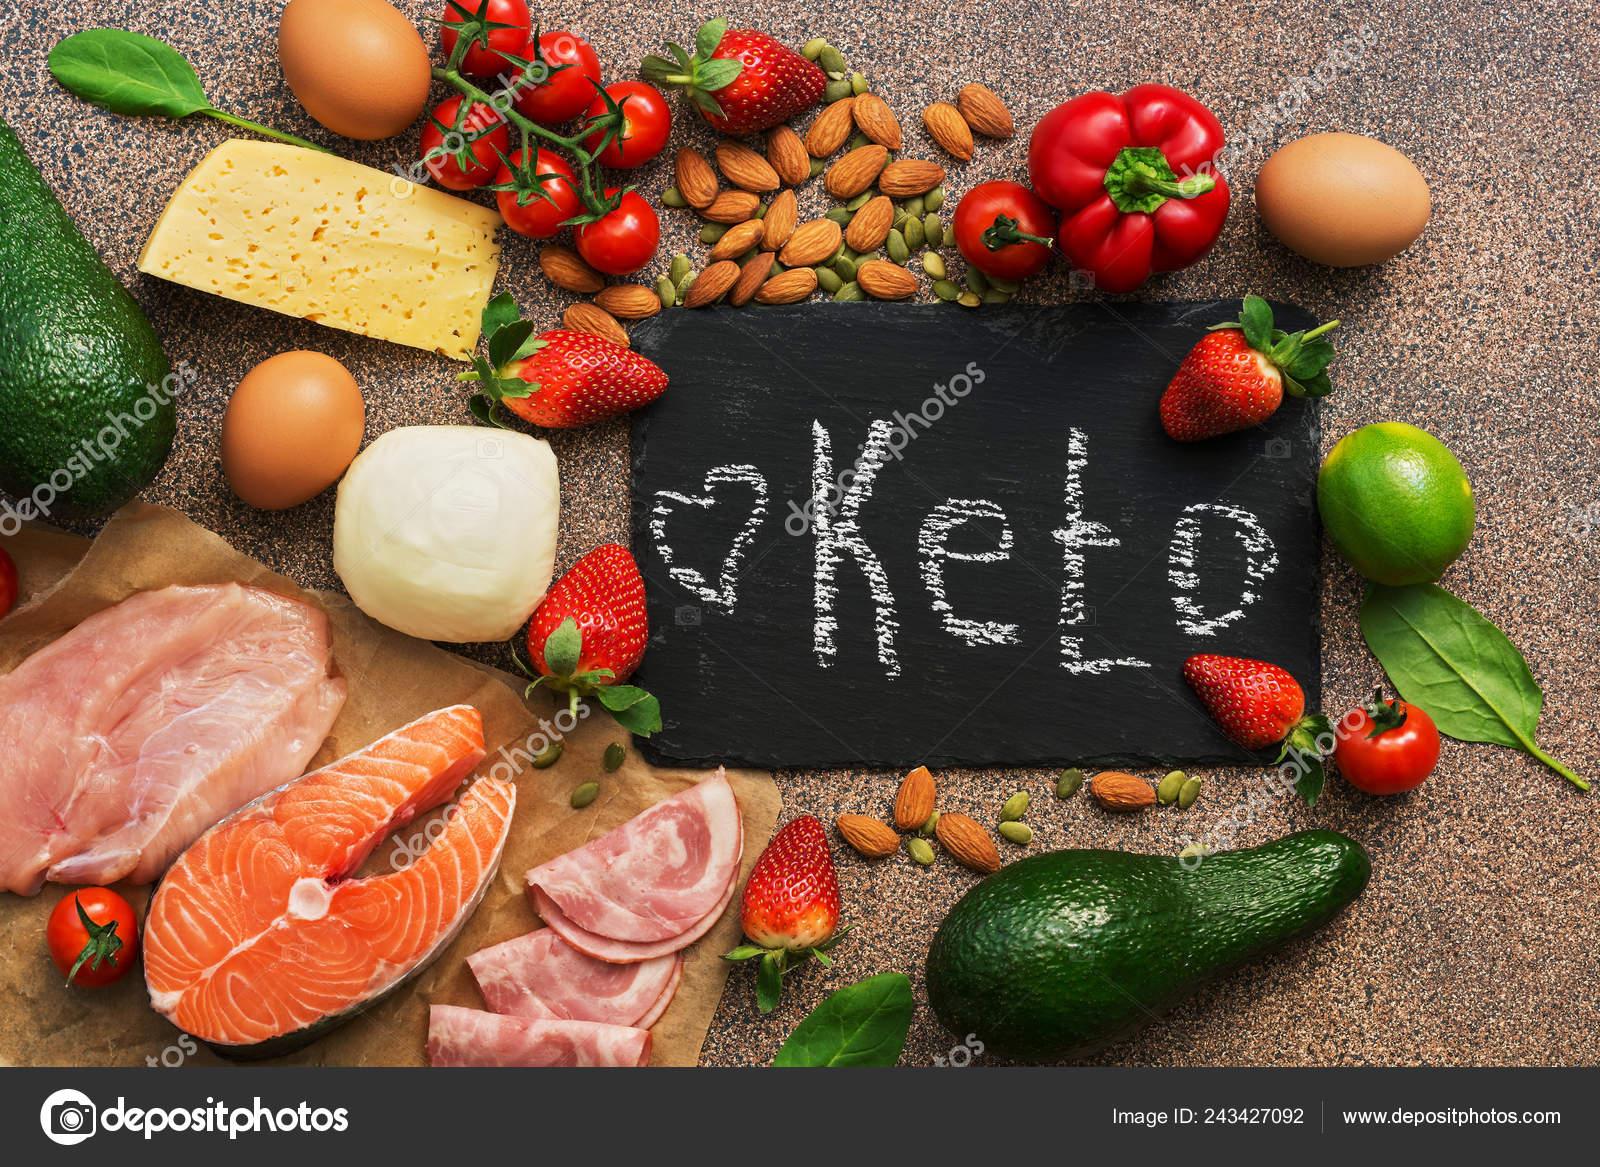 Comida dieta keto